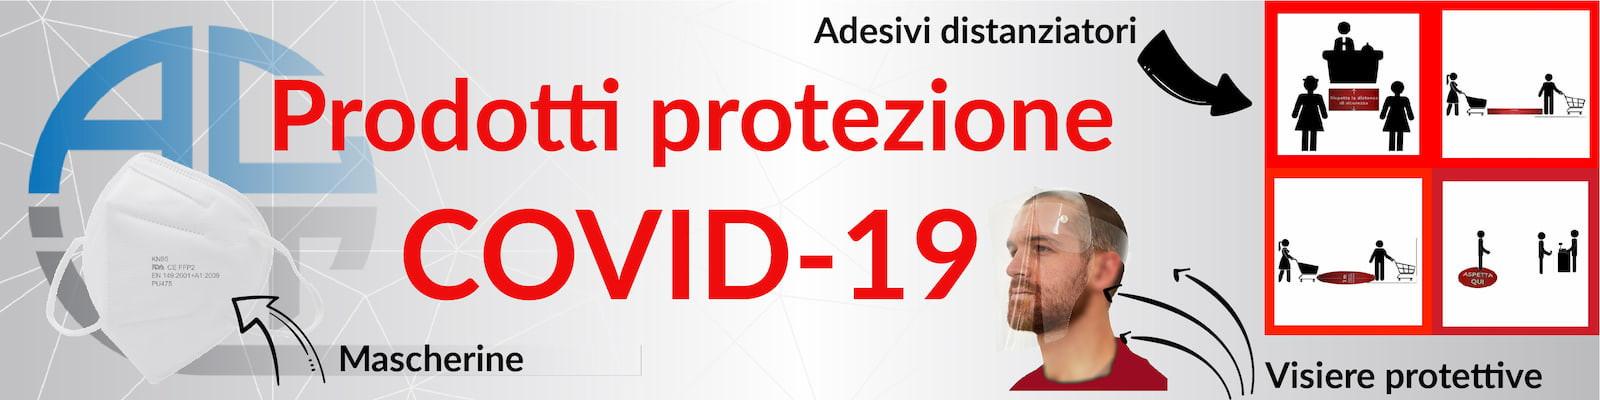 Prodotti idonei per la protezione dal virus COVID-19